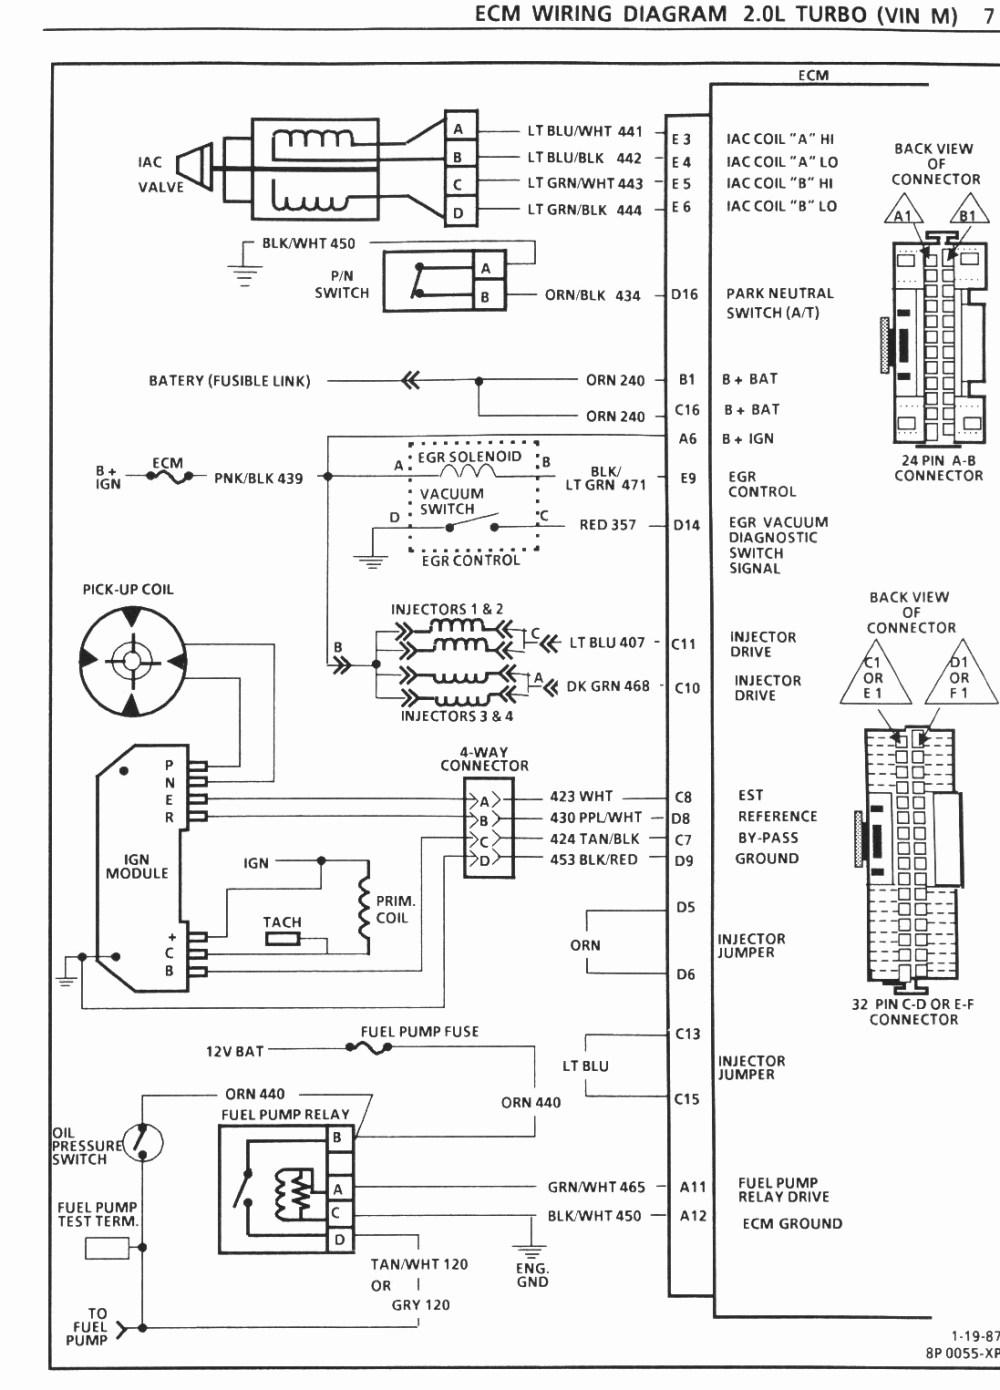 medium resolution of ddec 2 wiring diagram wiring library diagram h7ddec 2 wiring diagram ver wiring diagram detroit ddec